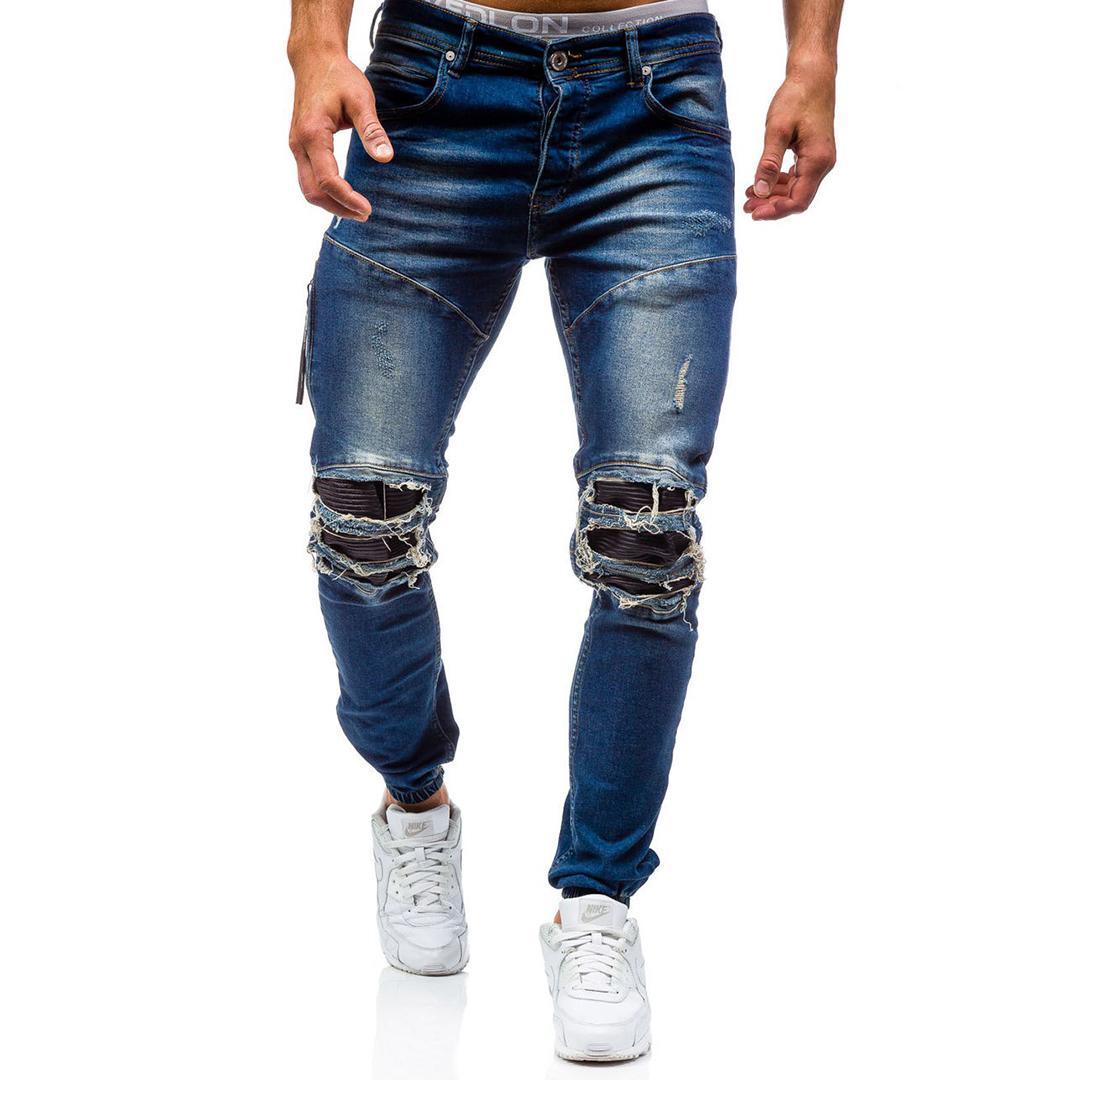 1a1be832f Compre Marca Masculino Nova Calça Jeans Moda 2019 Magro Fino Calças Jeans  Homens Calça Casual Homem Calças Jeans Mens Designer De Goodtshirt003, ...